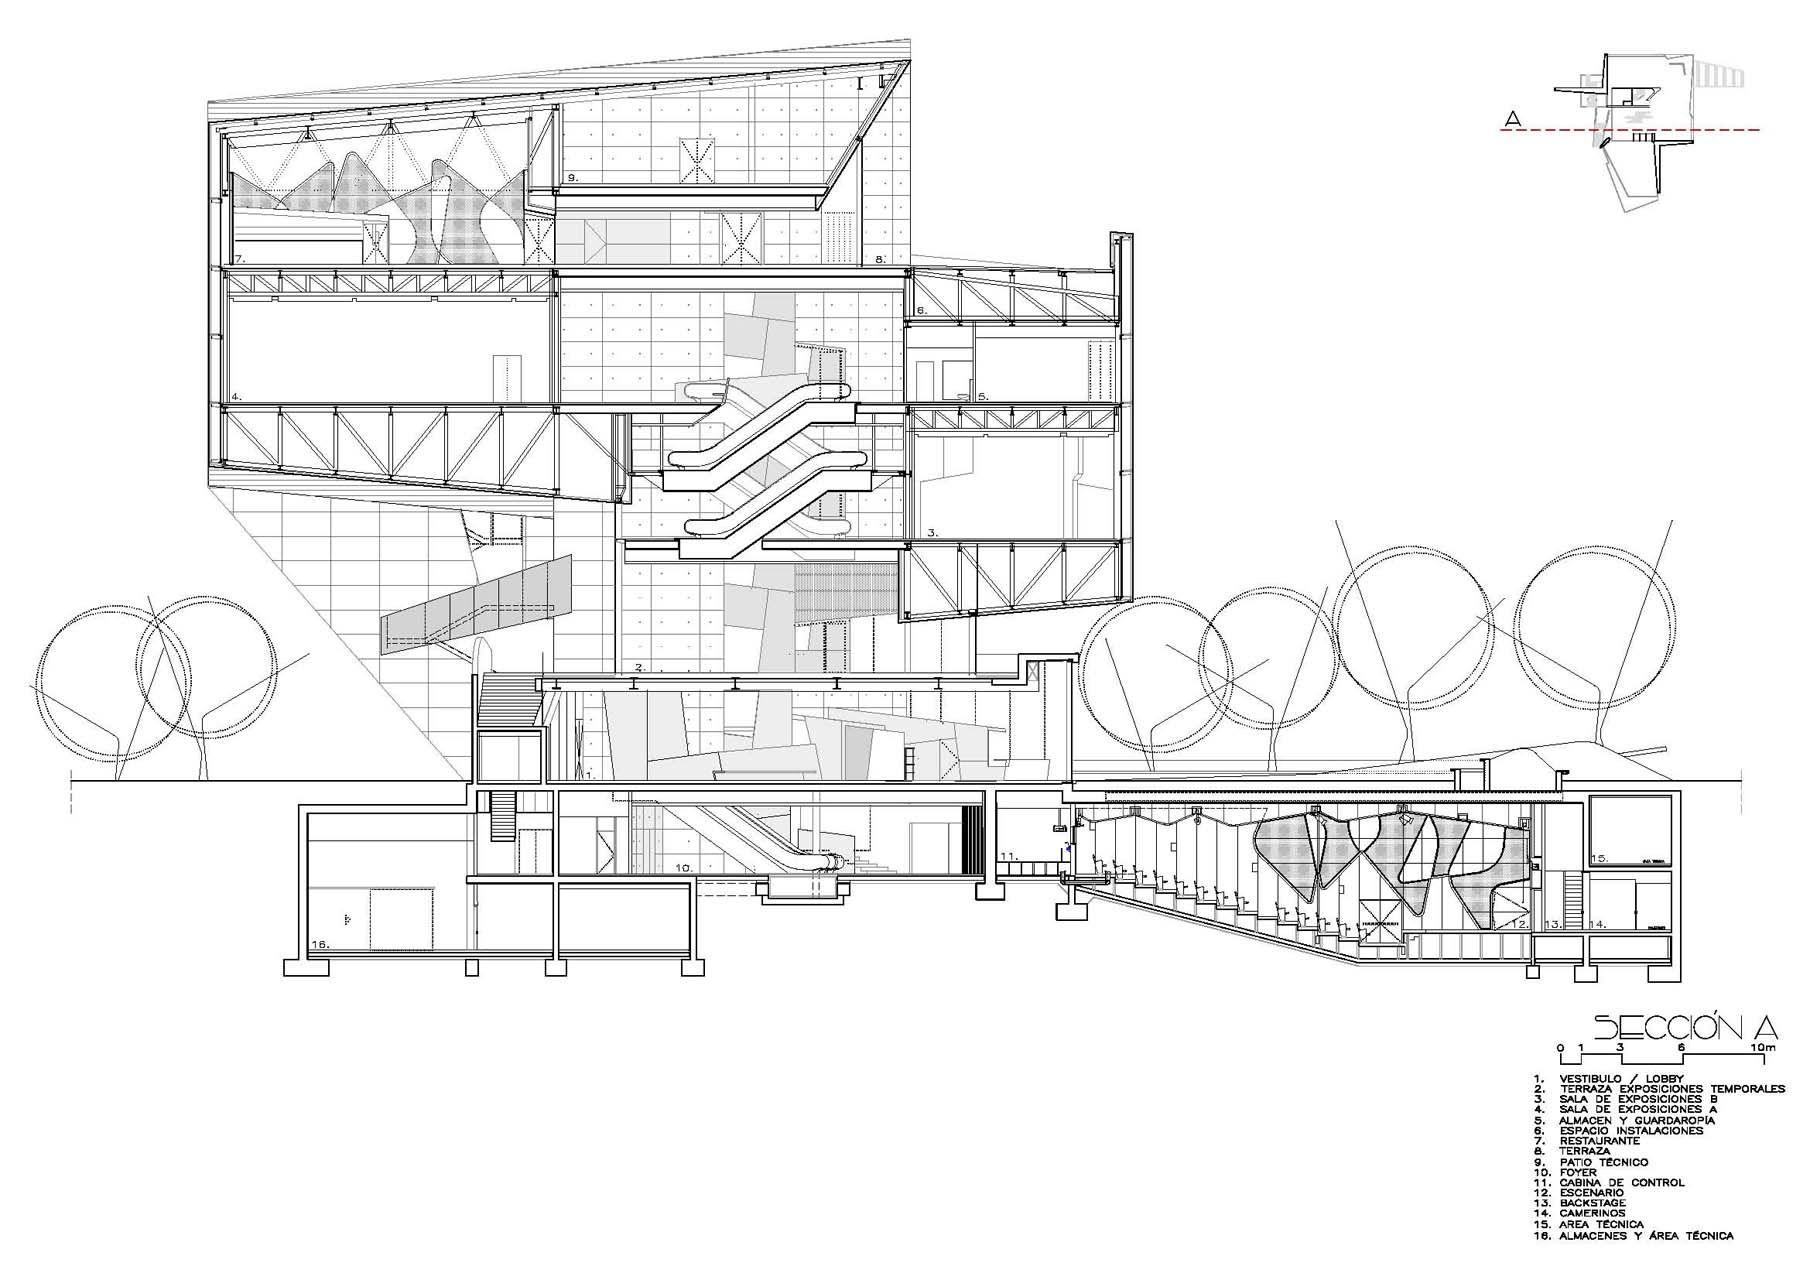 Caixaforum zaragoza by estudio carme pin s in spain arch section architecture - Estudio arquitectura zaragoza ...